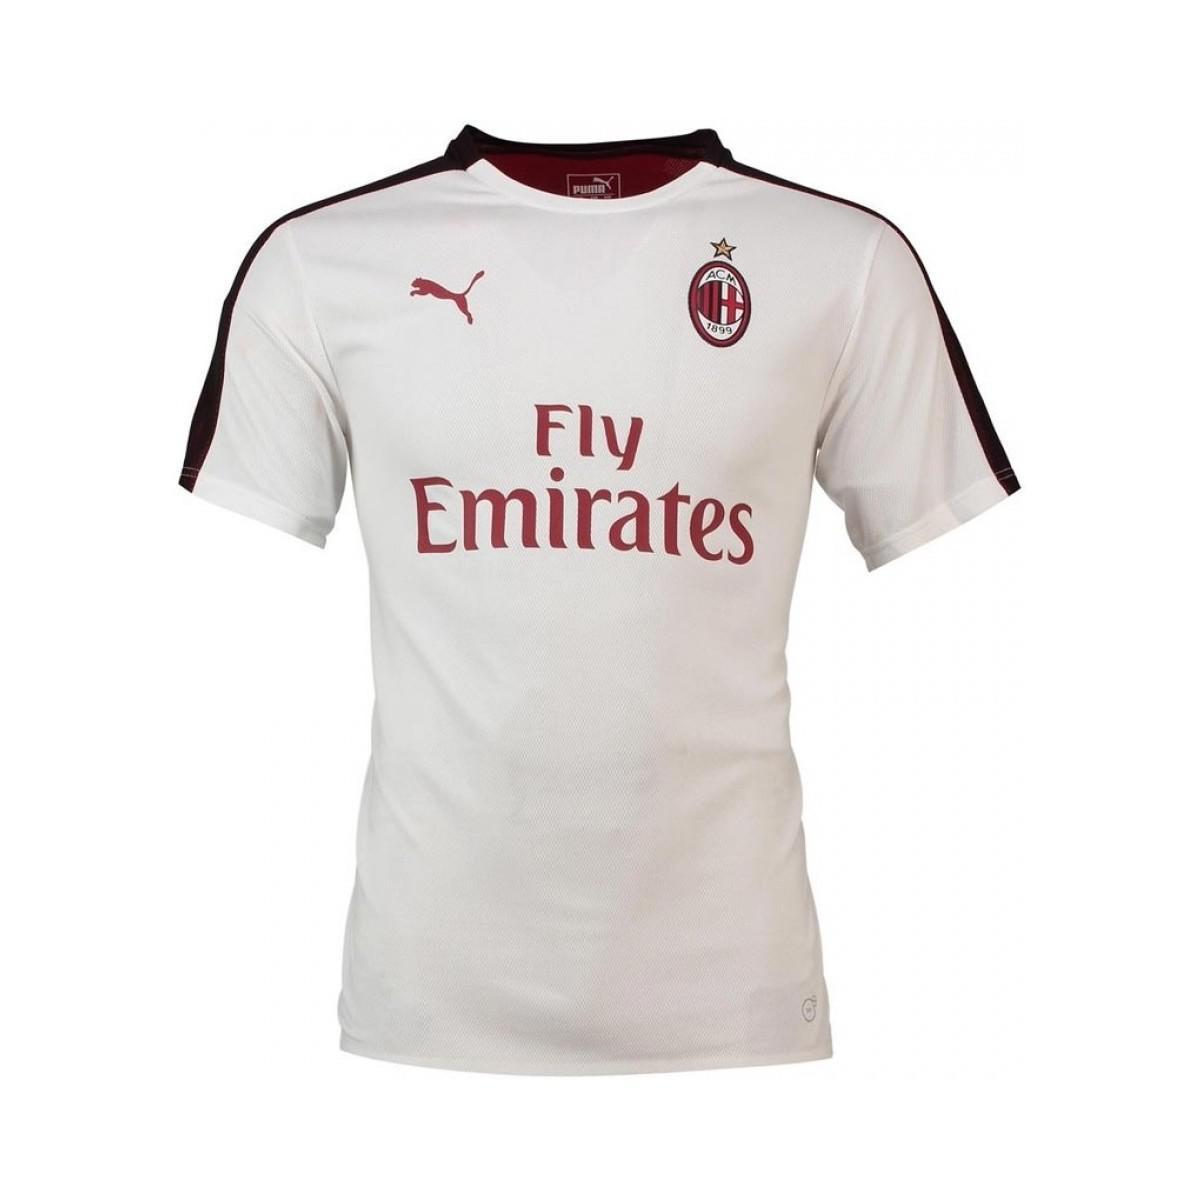 Adidas 2018-2019 Ac Milan Stadium Jersey Women's T Shirt In White